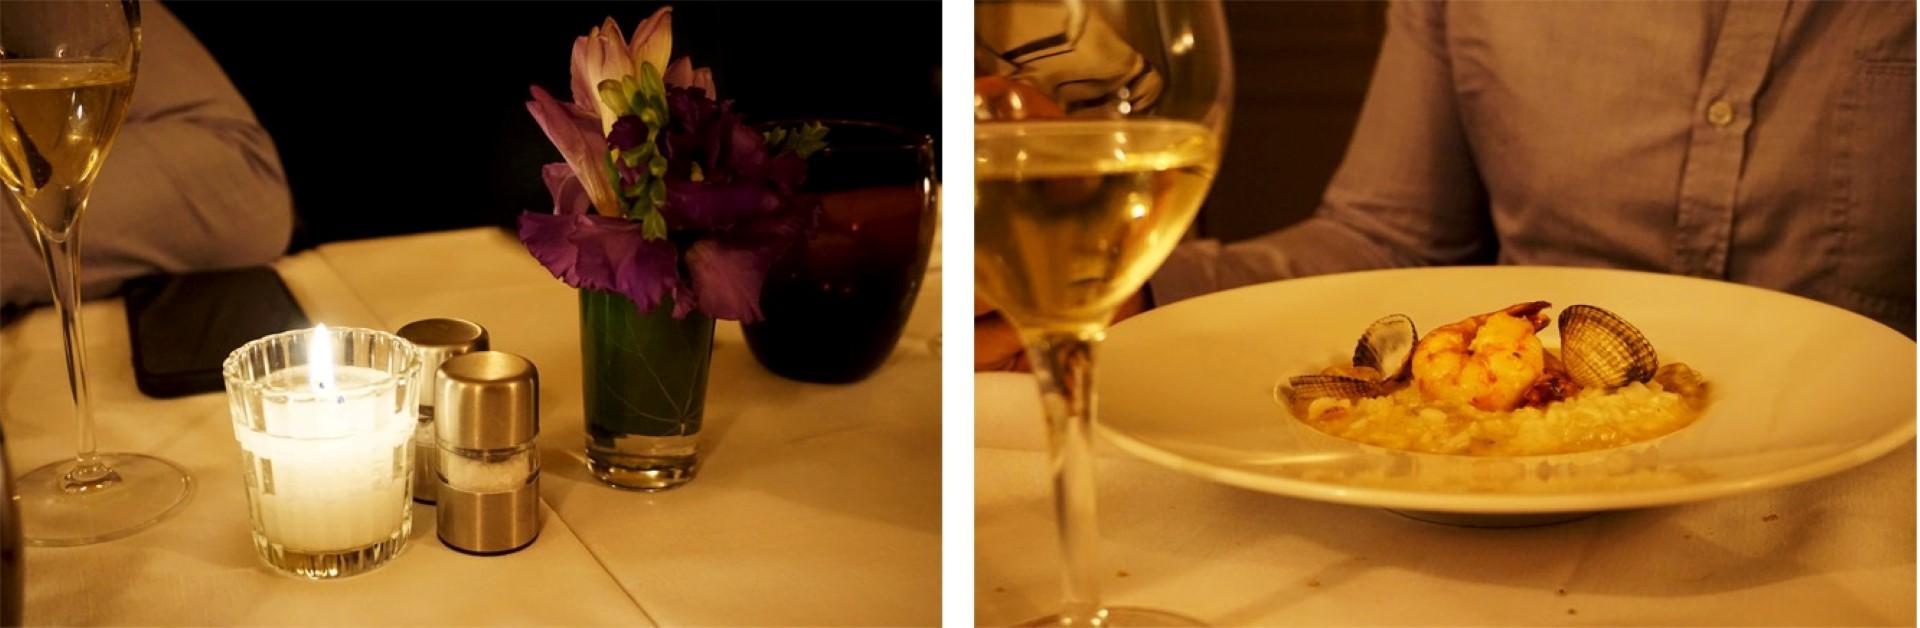 Le KULT - Restaurant paris 6e